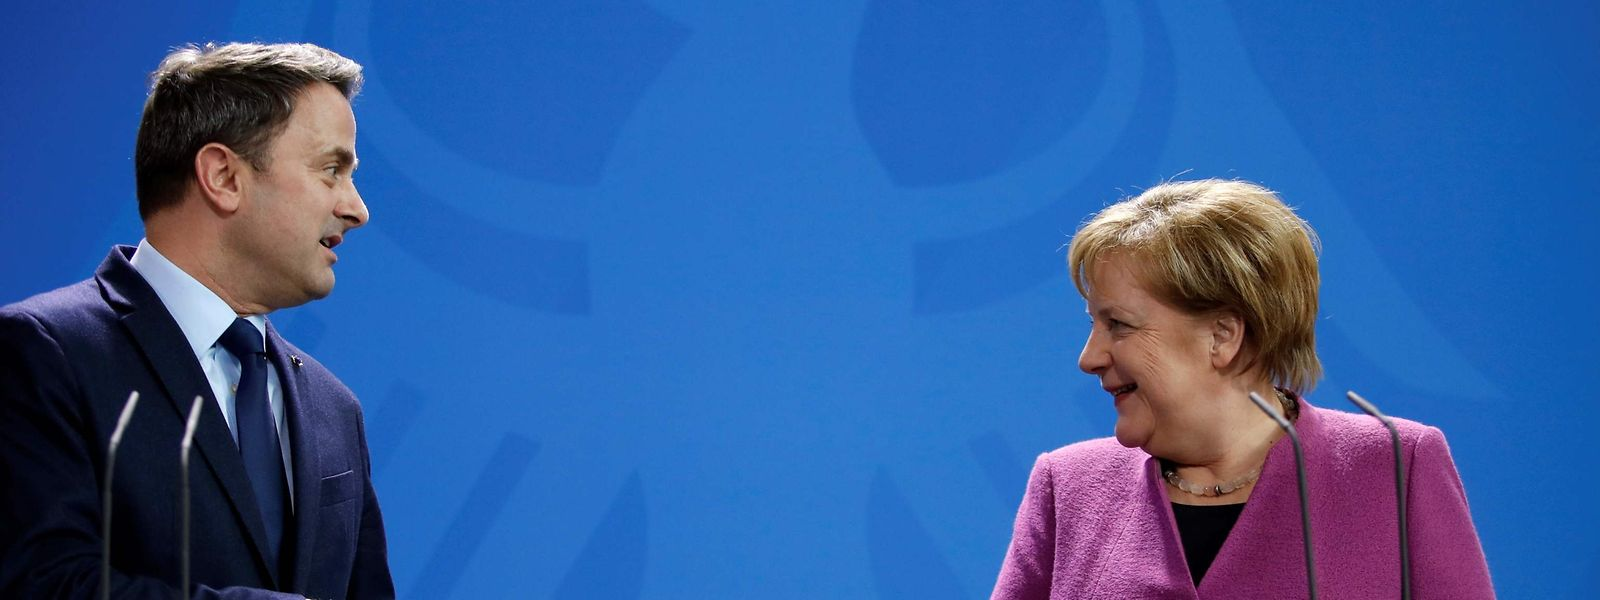 Auf einer Wellenlänge – fast überall: Premier Bettel und Kanzlerin Merkel.